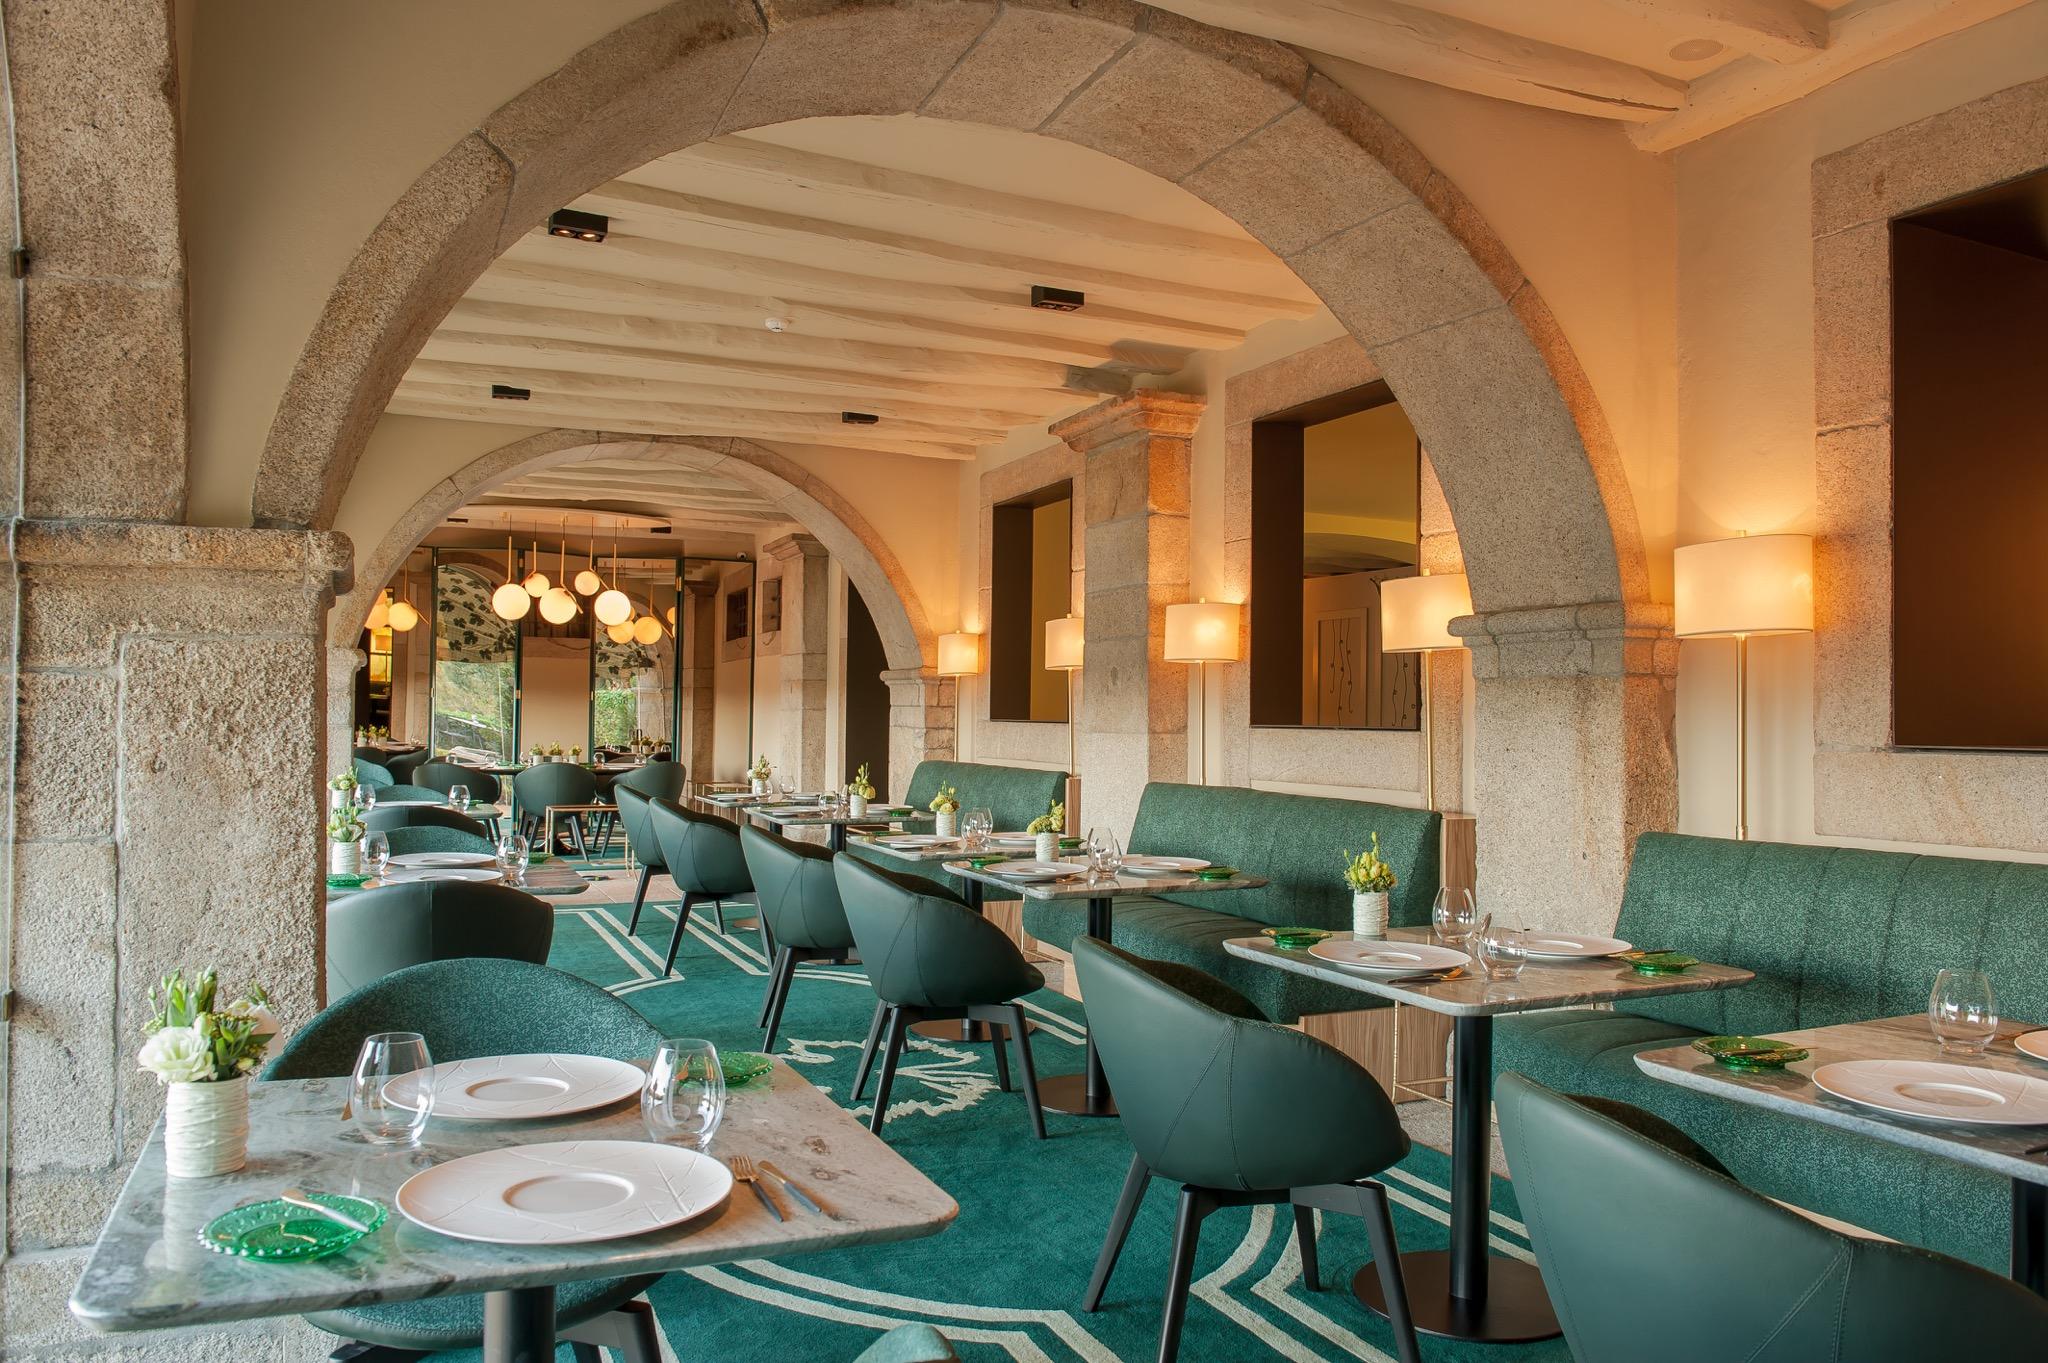 Salle avec vue sur jardin et le Douro - Restaurant Antiqvvm - 1 etoile Michelin - Porto